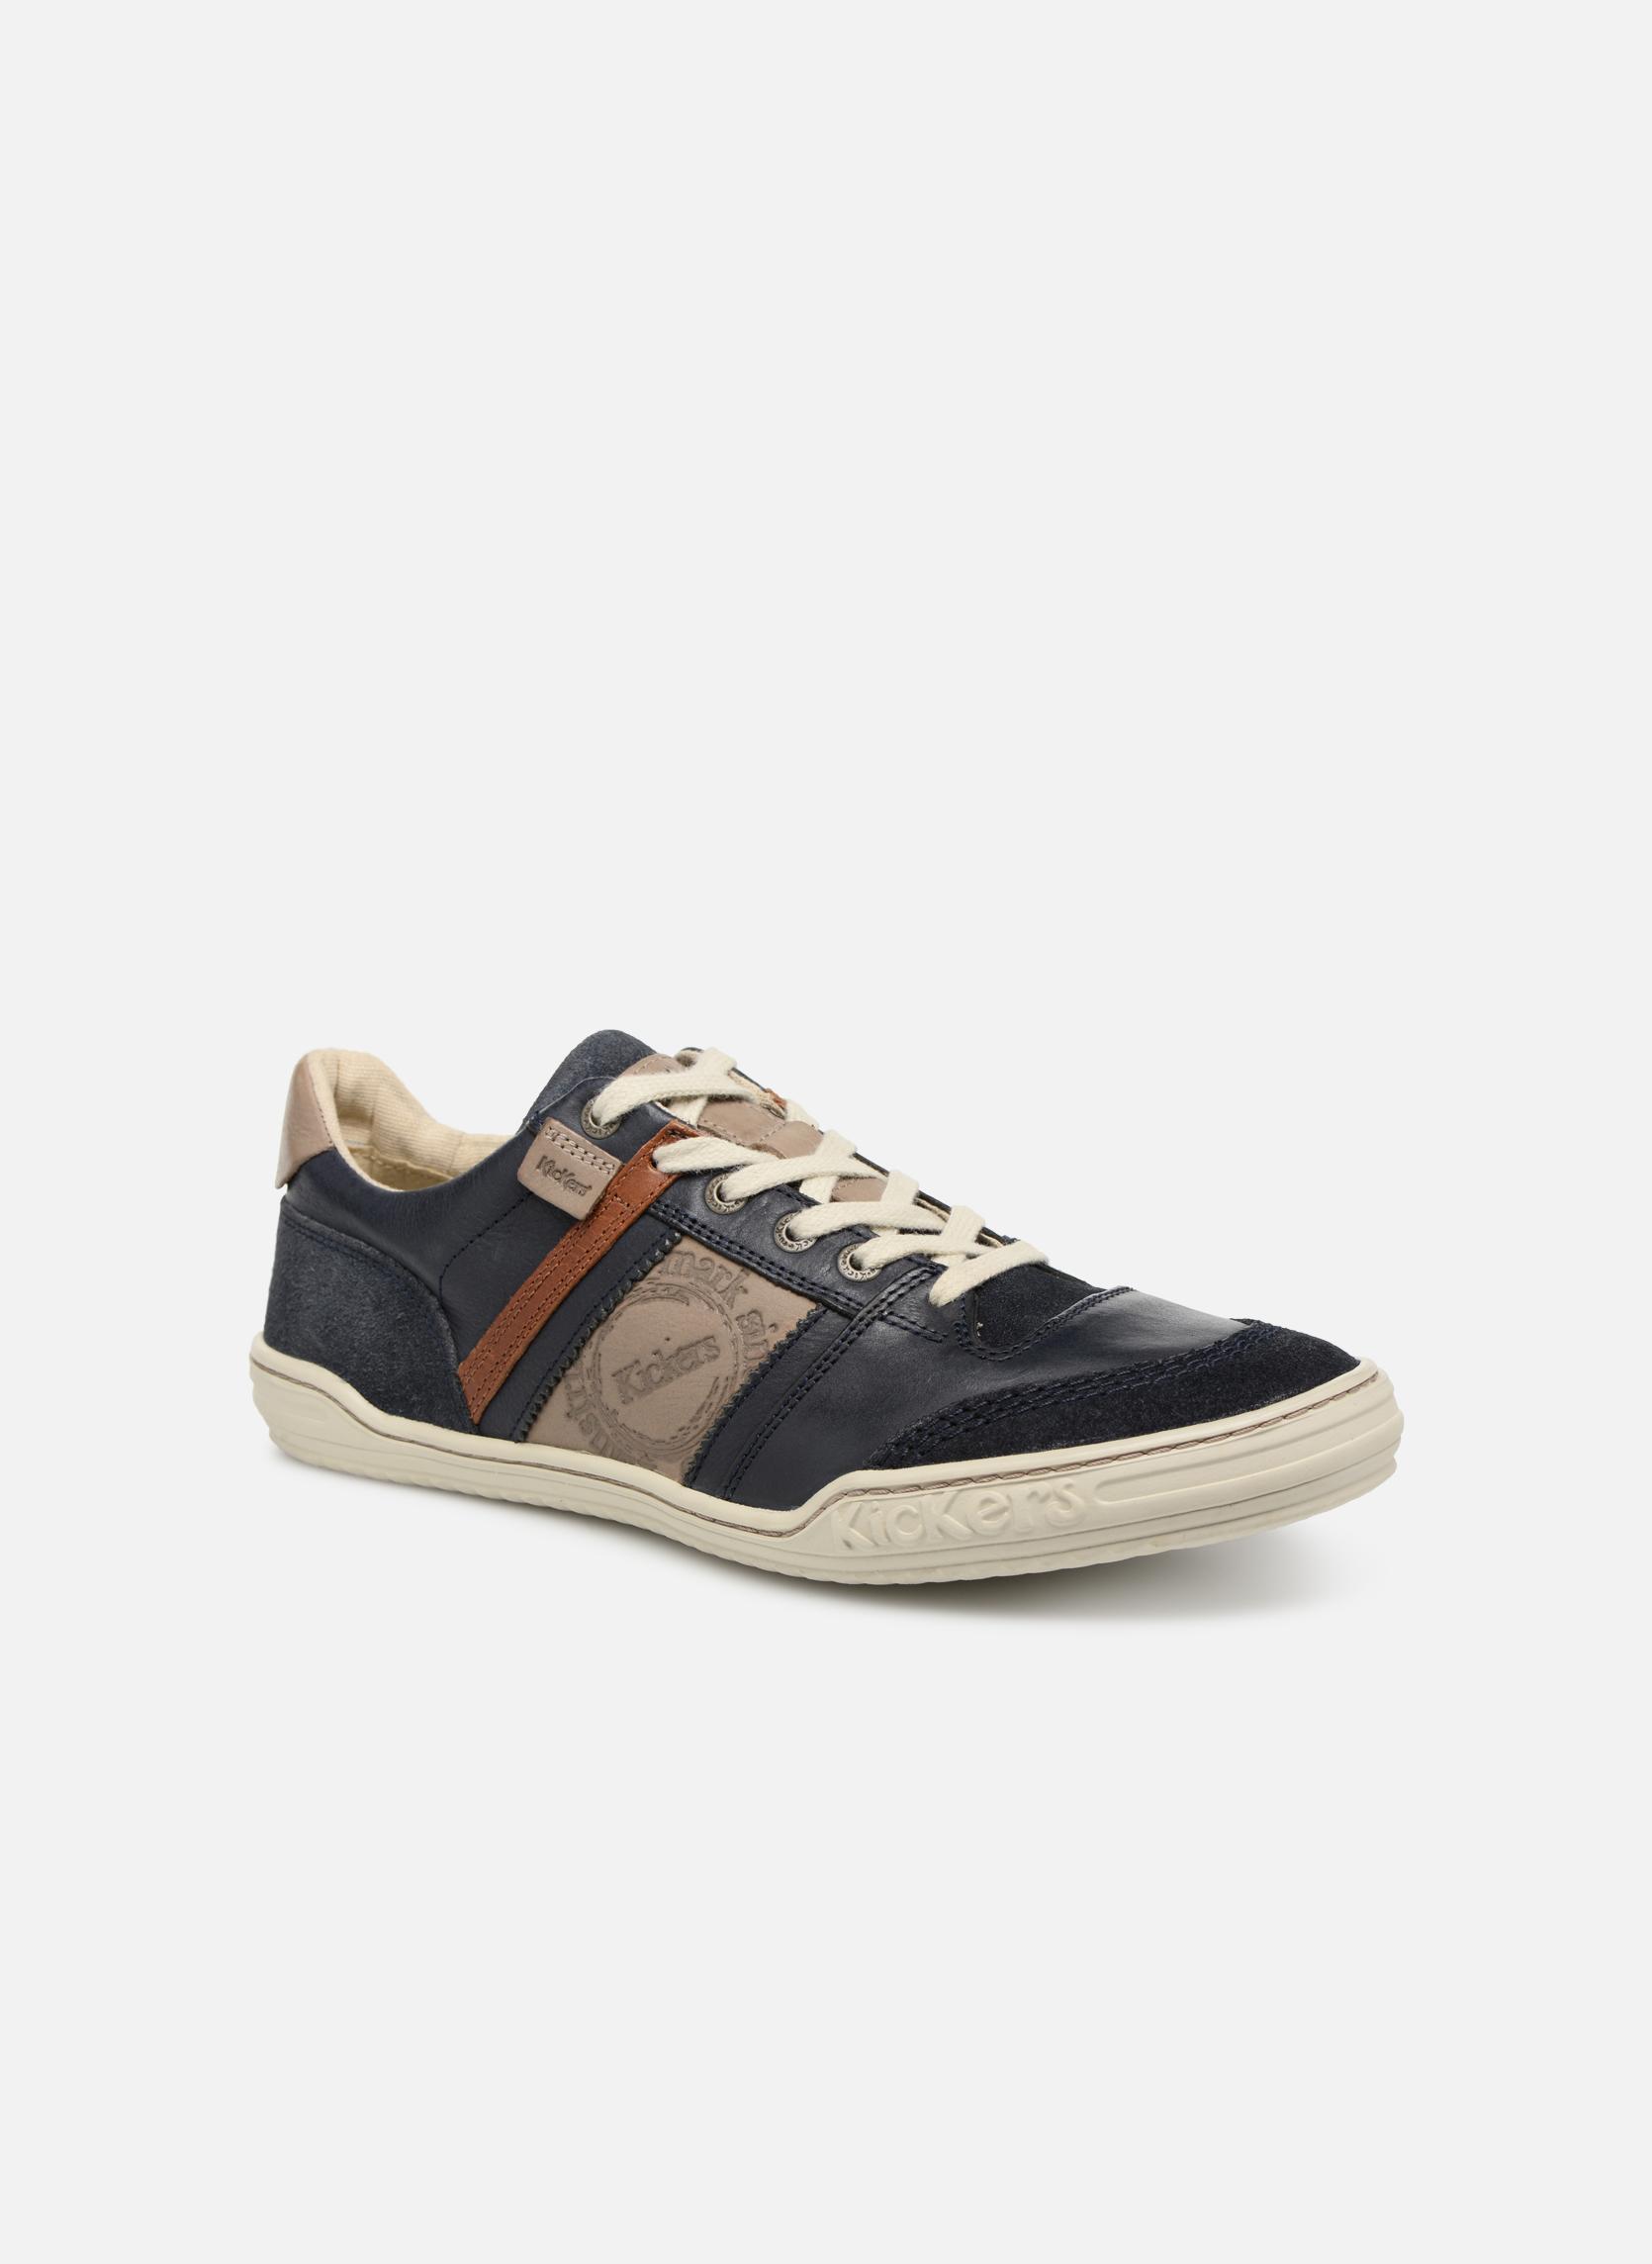 Sneaker Herren Jexplore